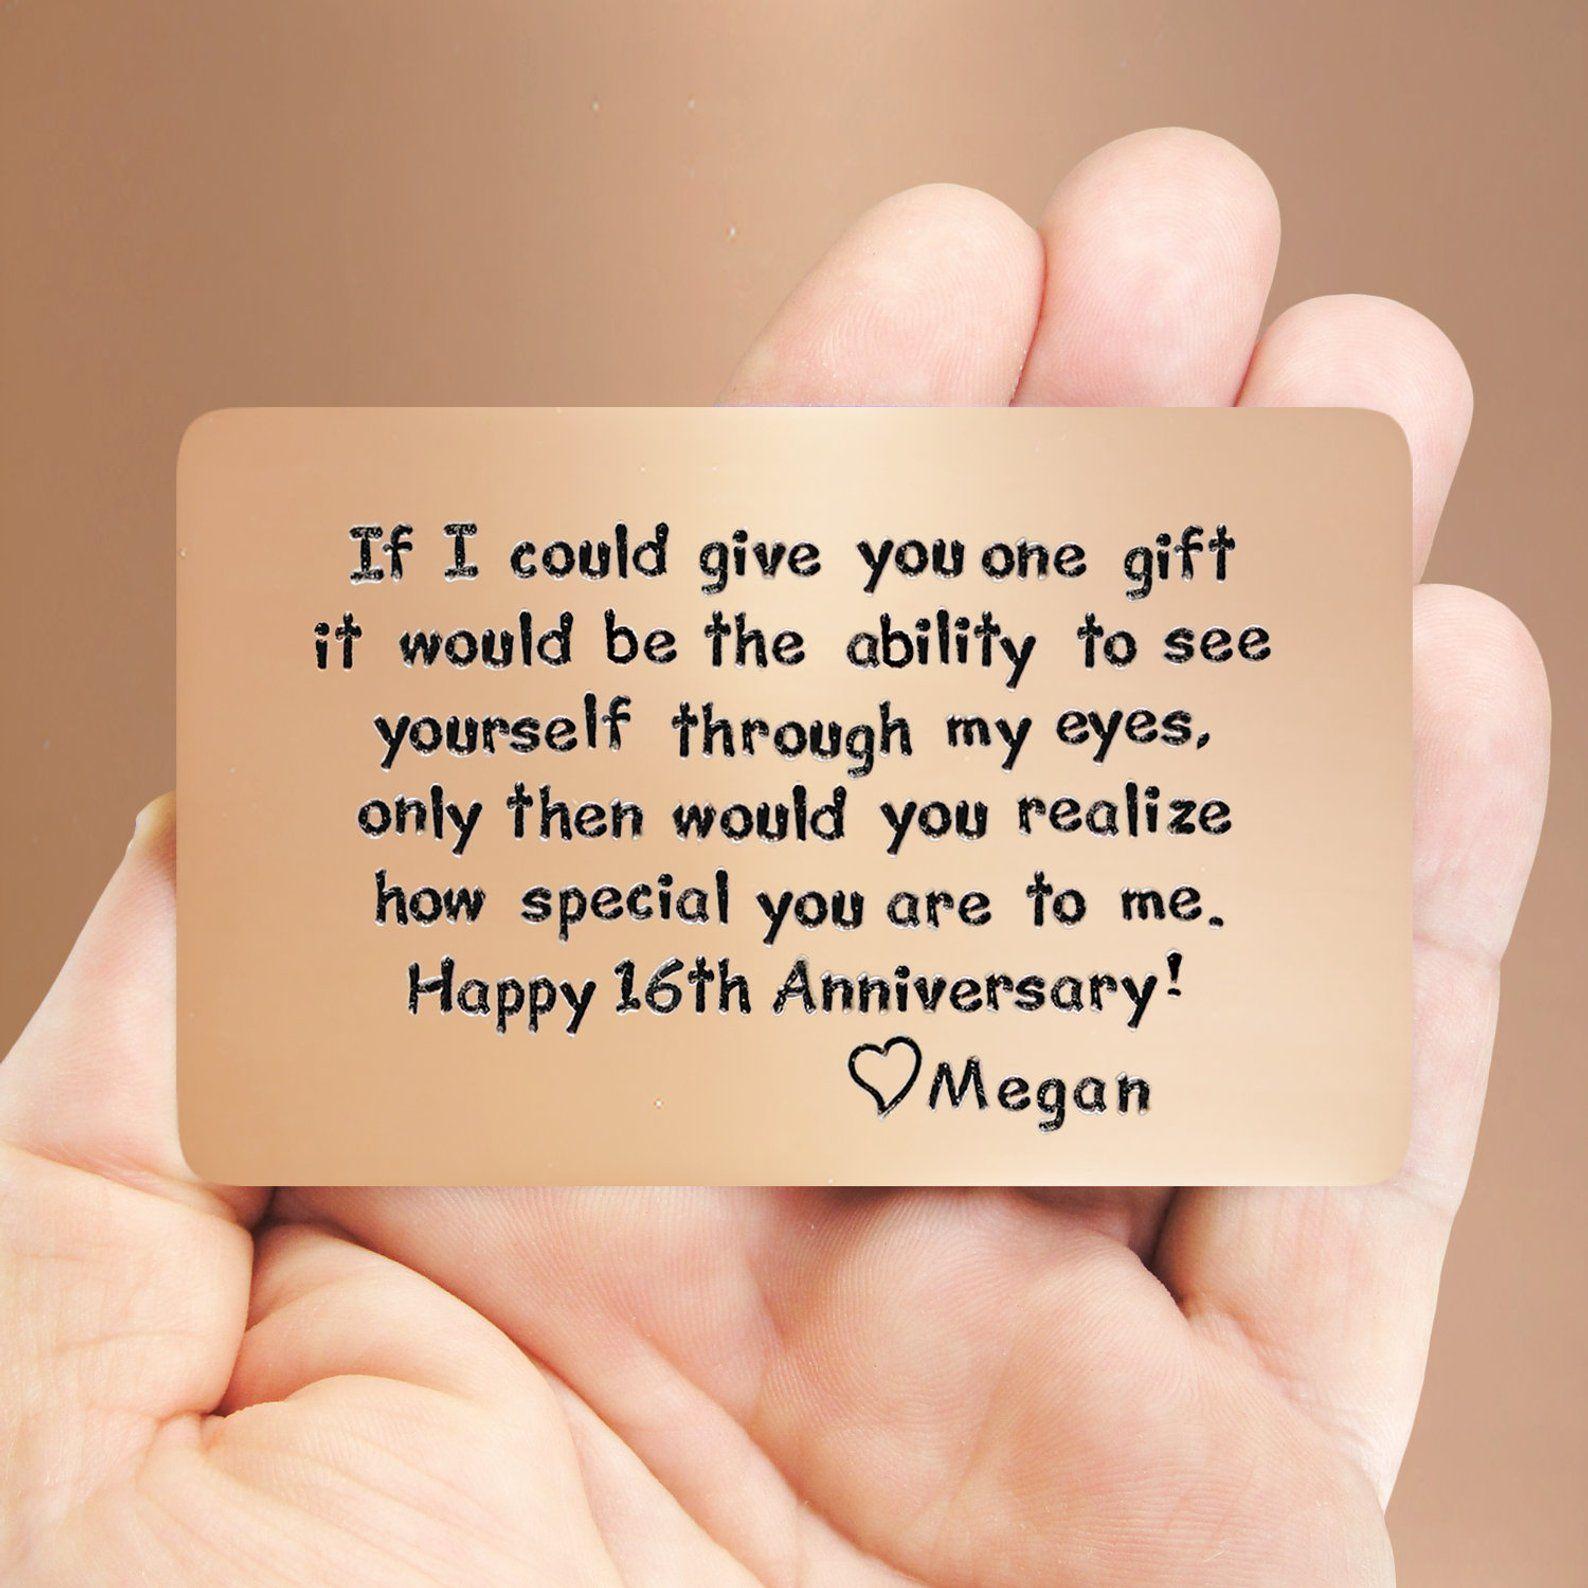 Mens Gift Idea 16th Anniversary Unique Gift For Him Etsy 22nd Anniversary Anniversary Cards For Him Anniversary Ideas For Him